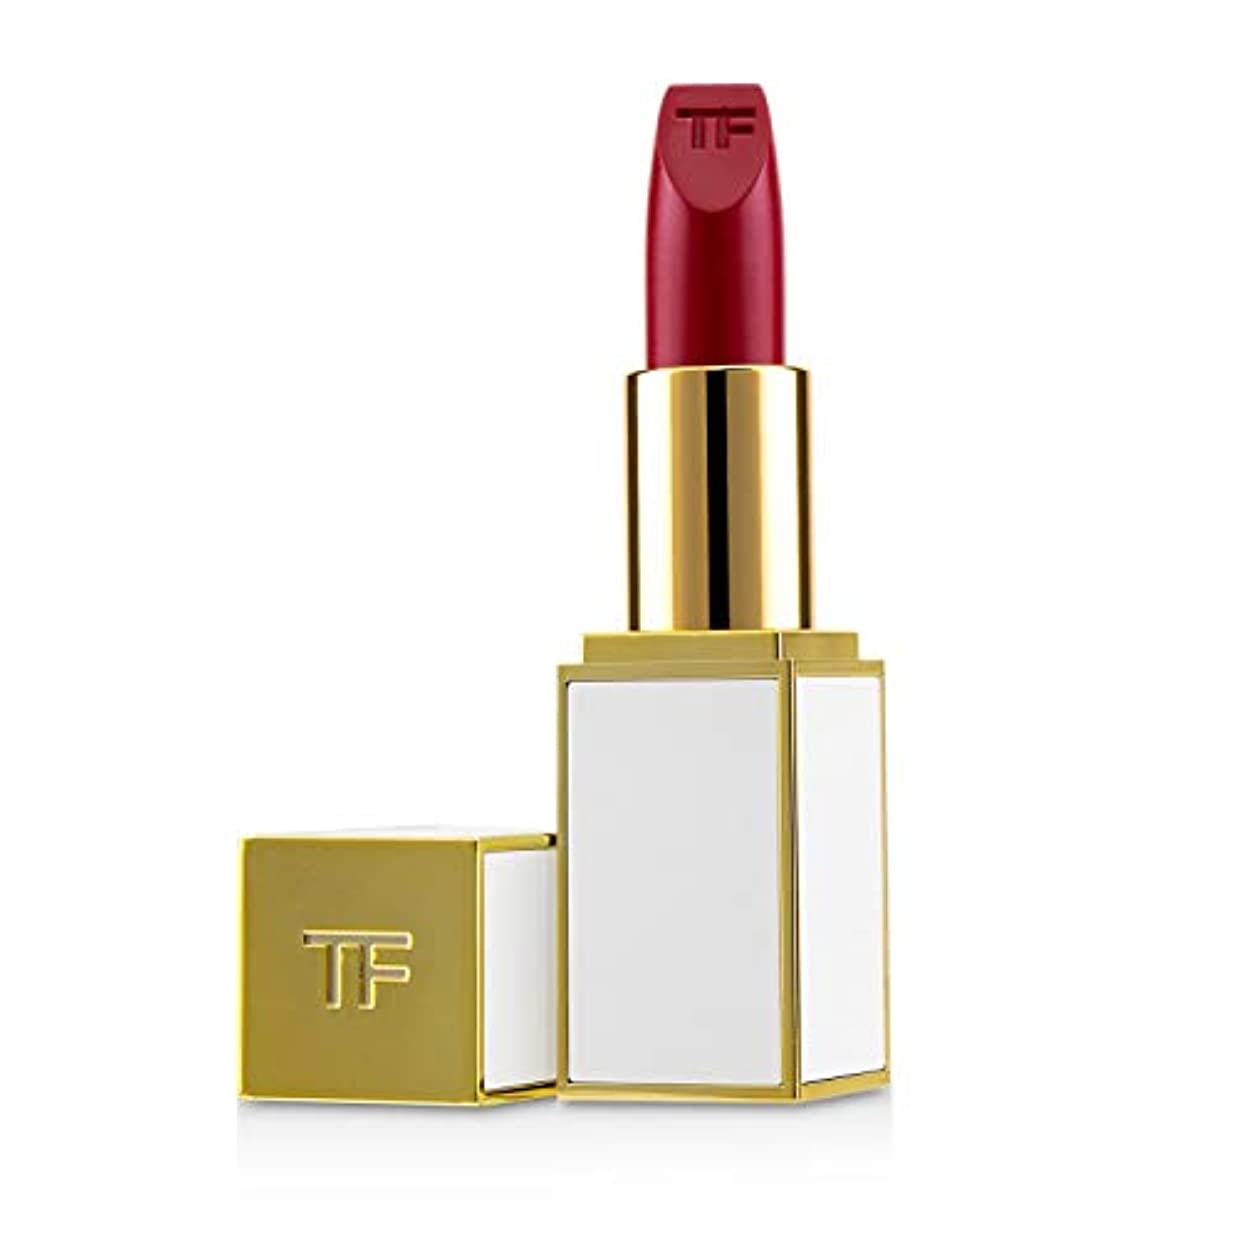 カレッジ信頼ずっとトム フォード Lip Color Sheer - # 12 Pipa 3g/0.1oz並行輸入品